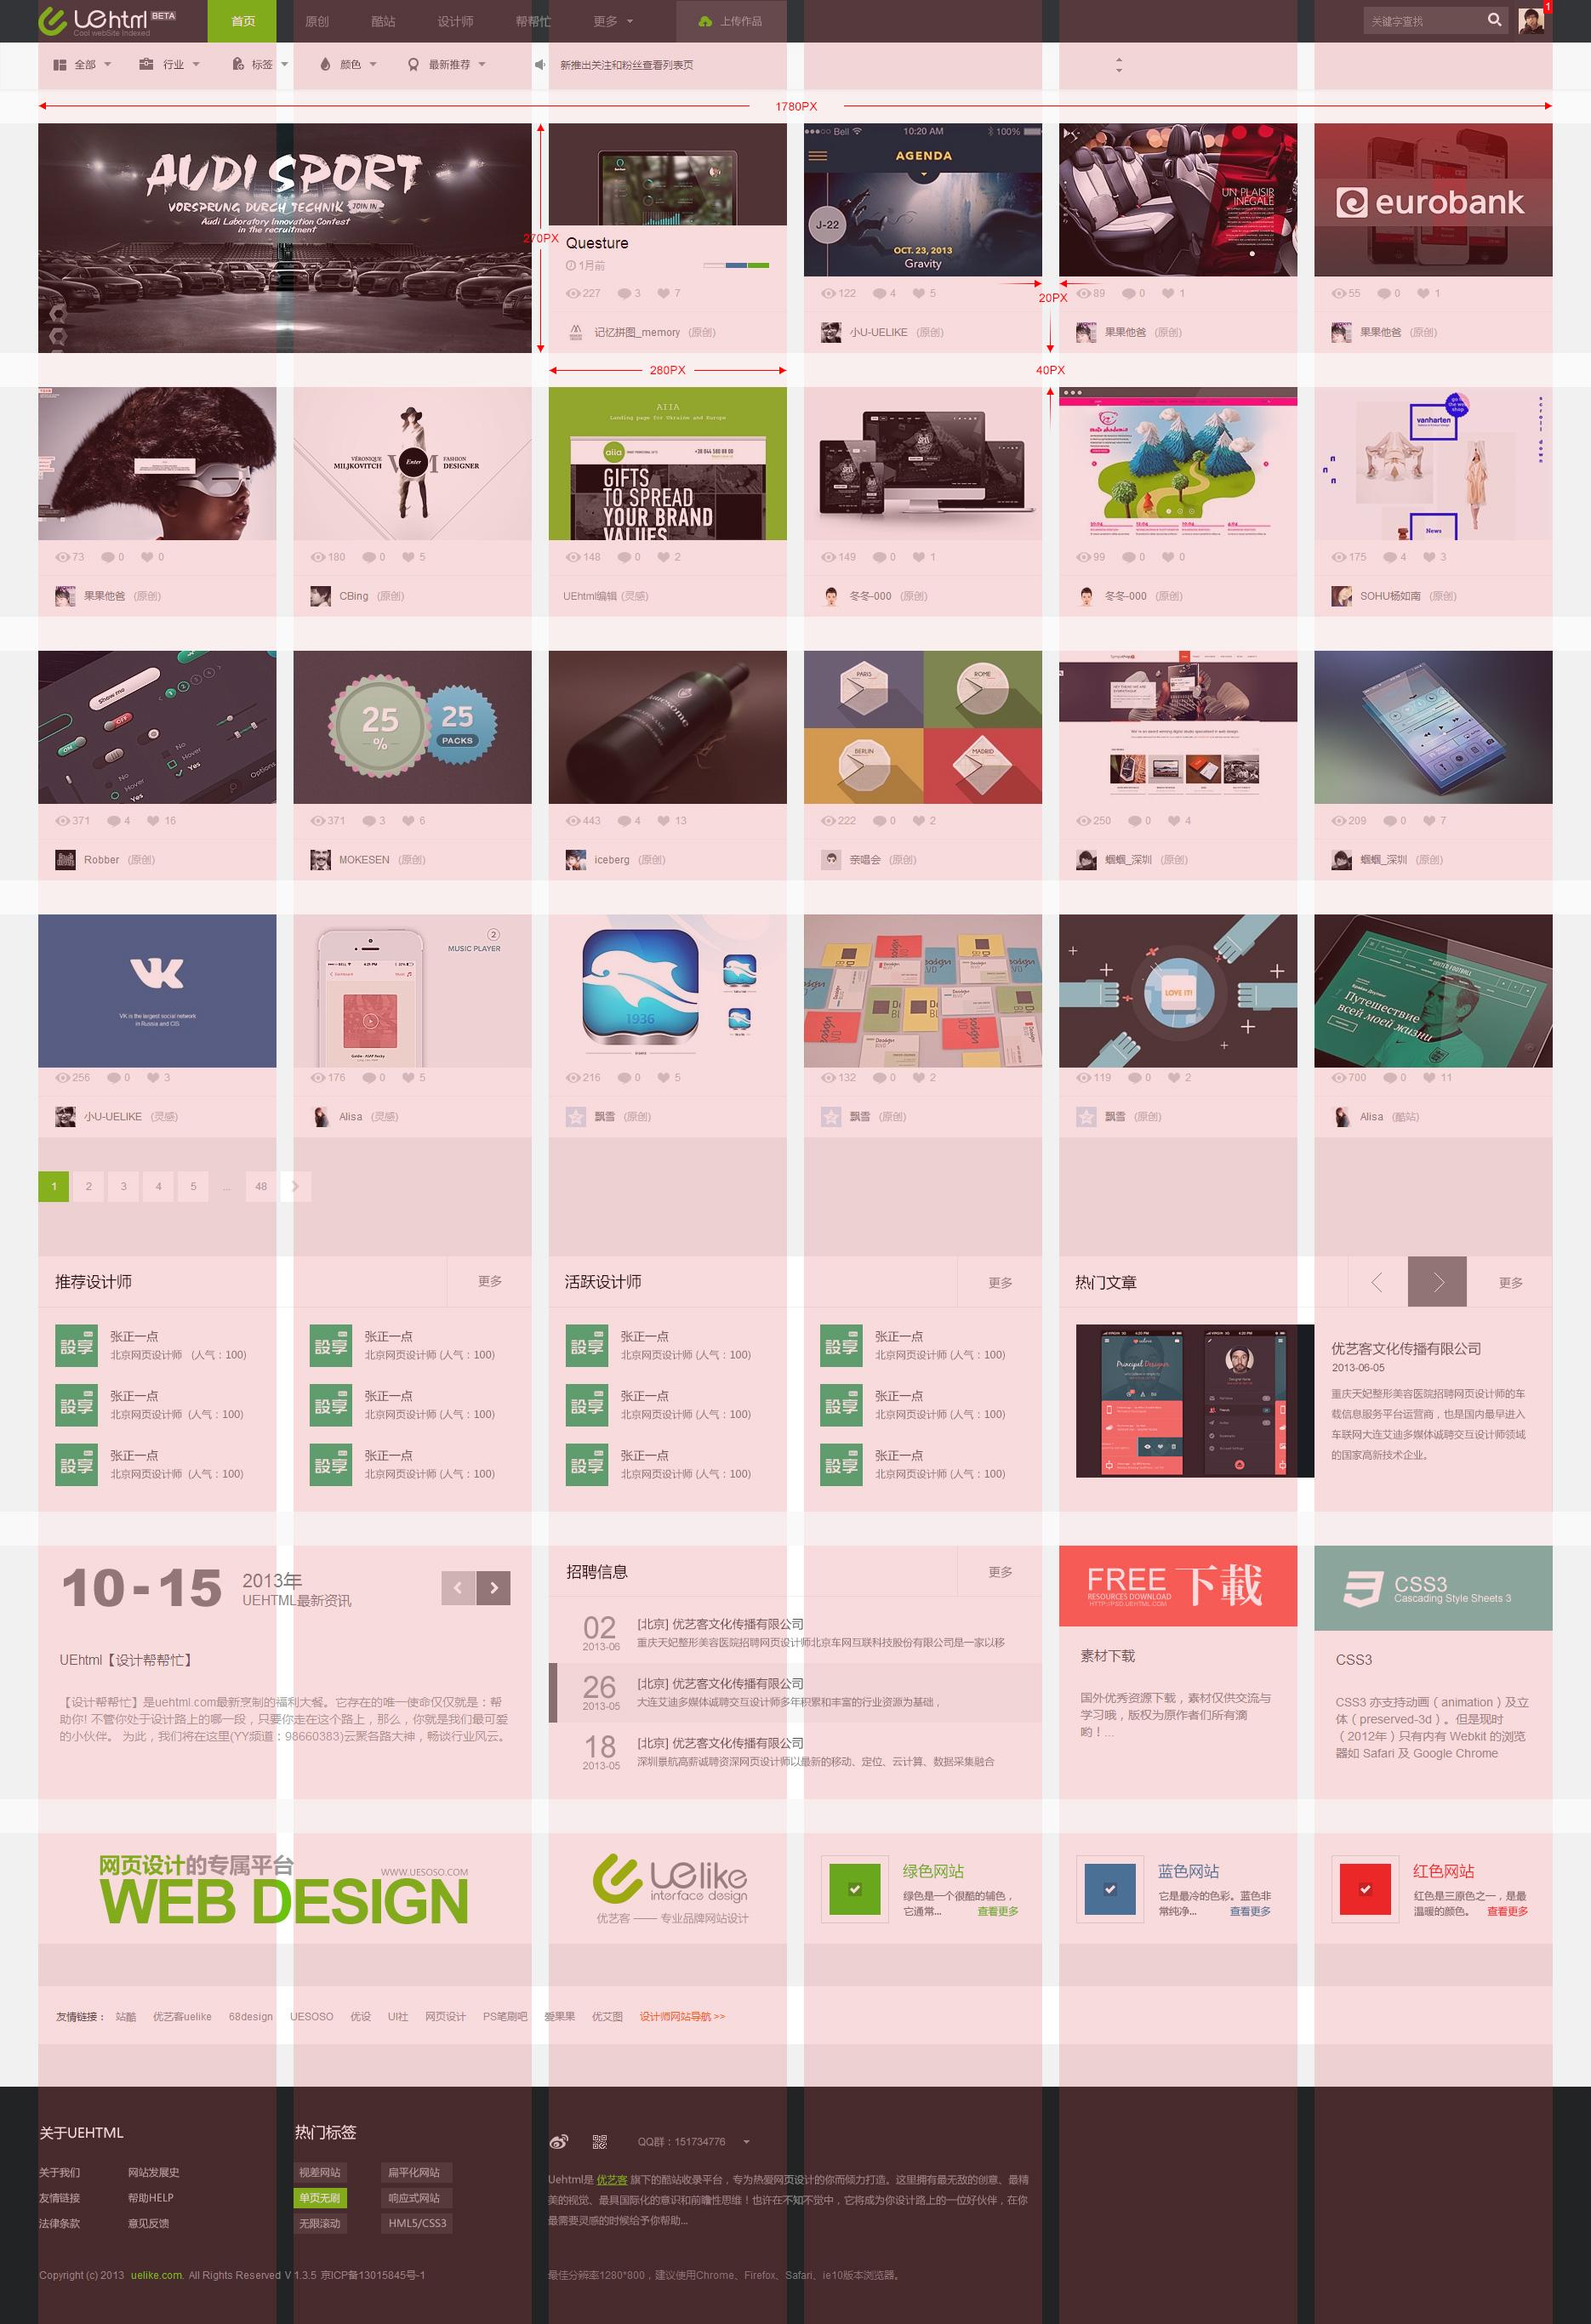 网页栅格化设计图片